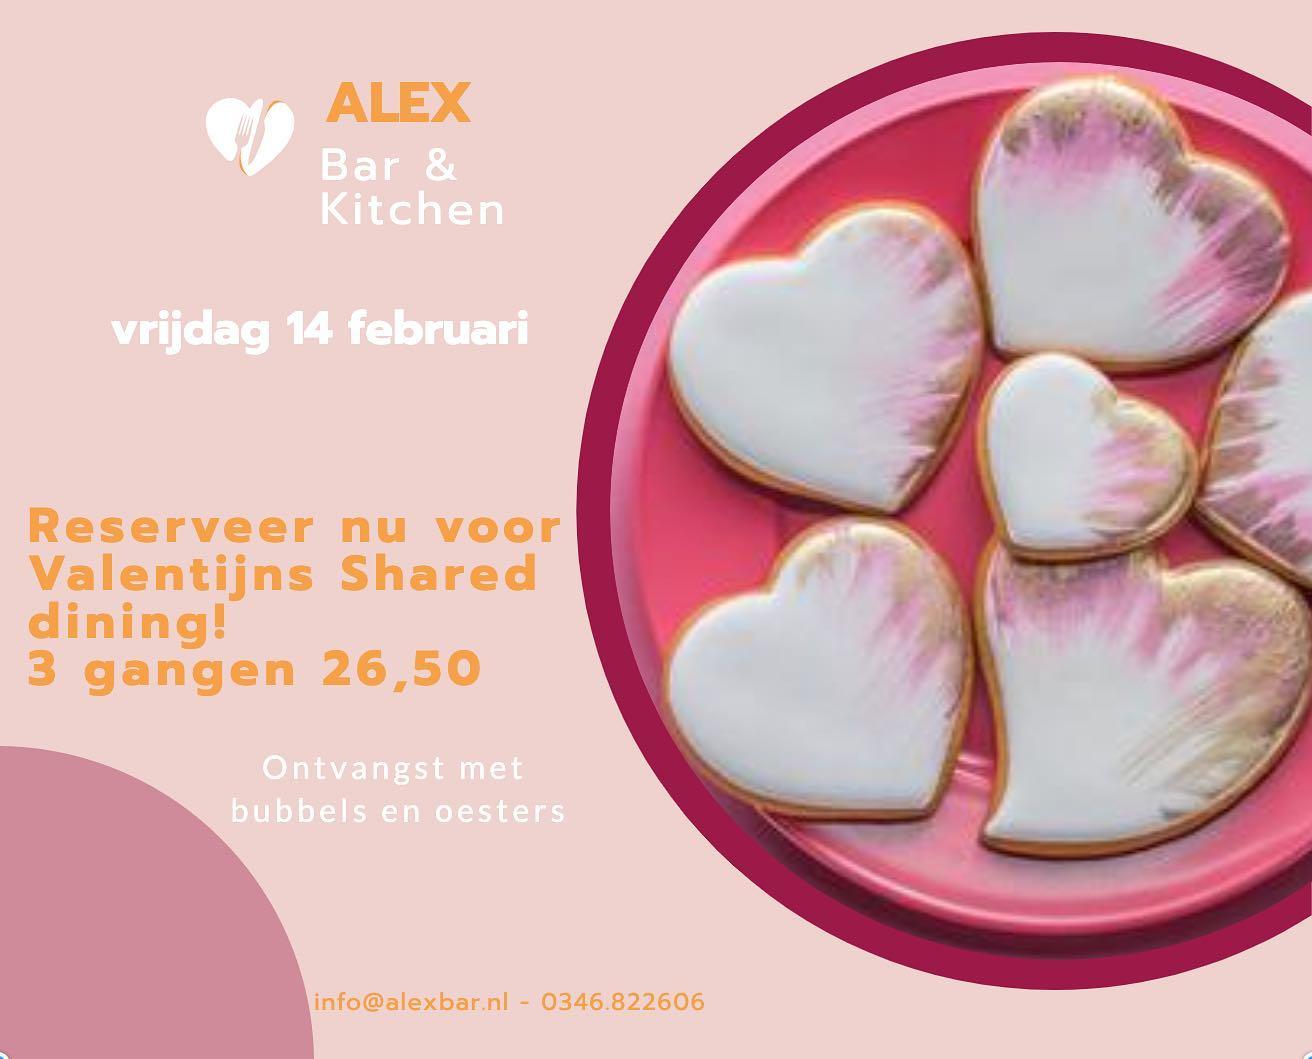 ALEX valentijn